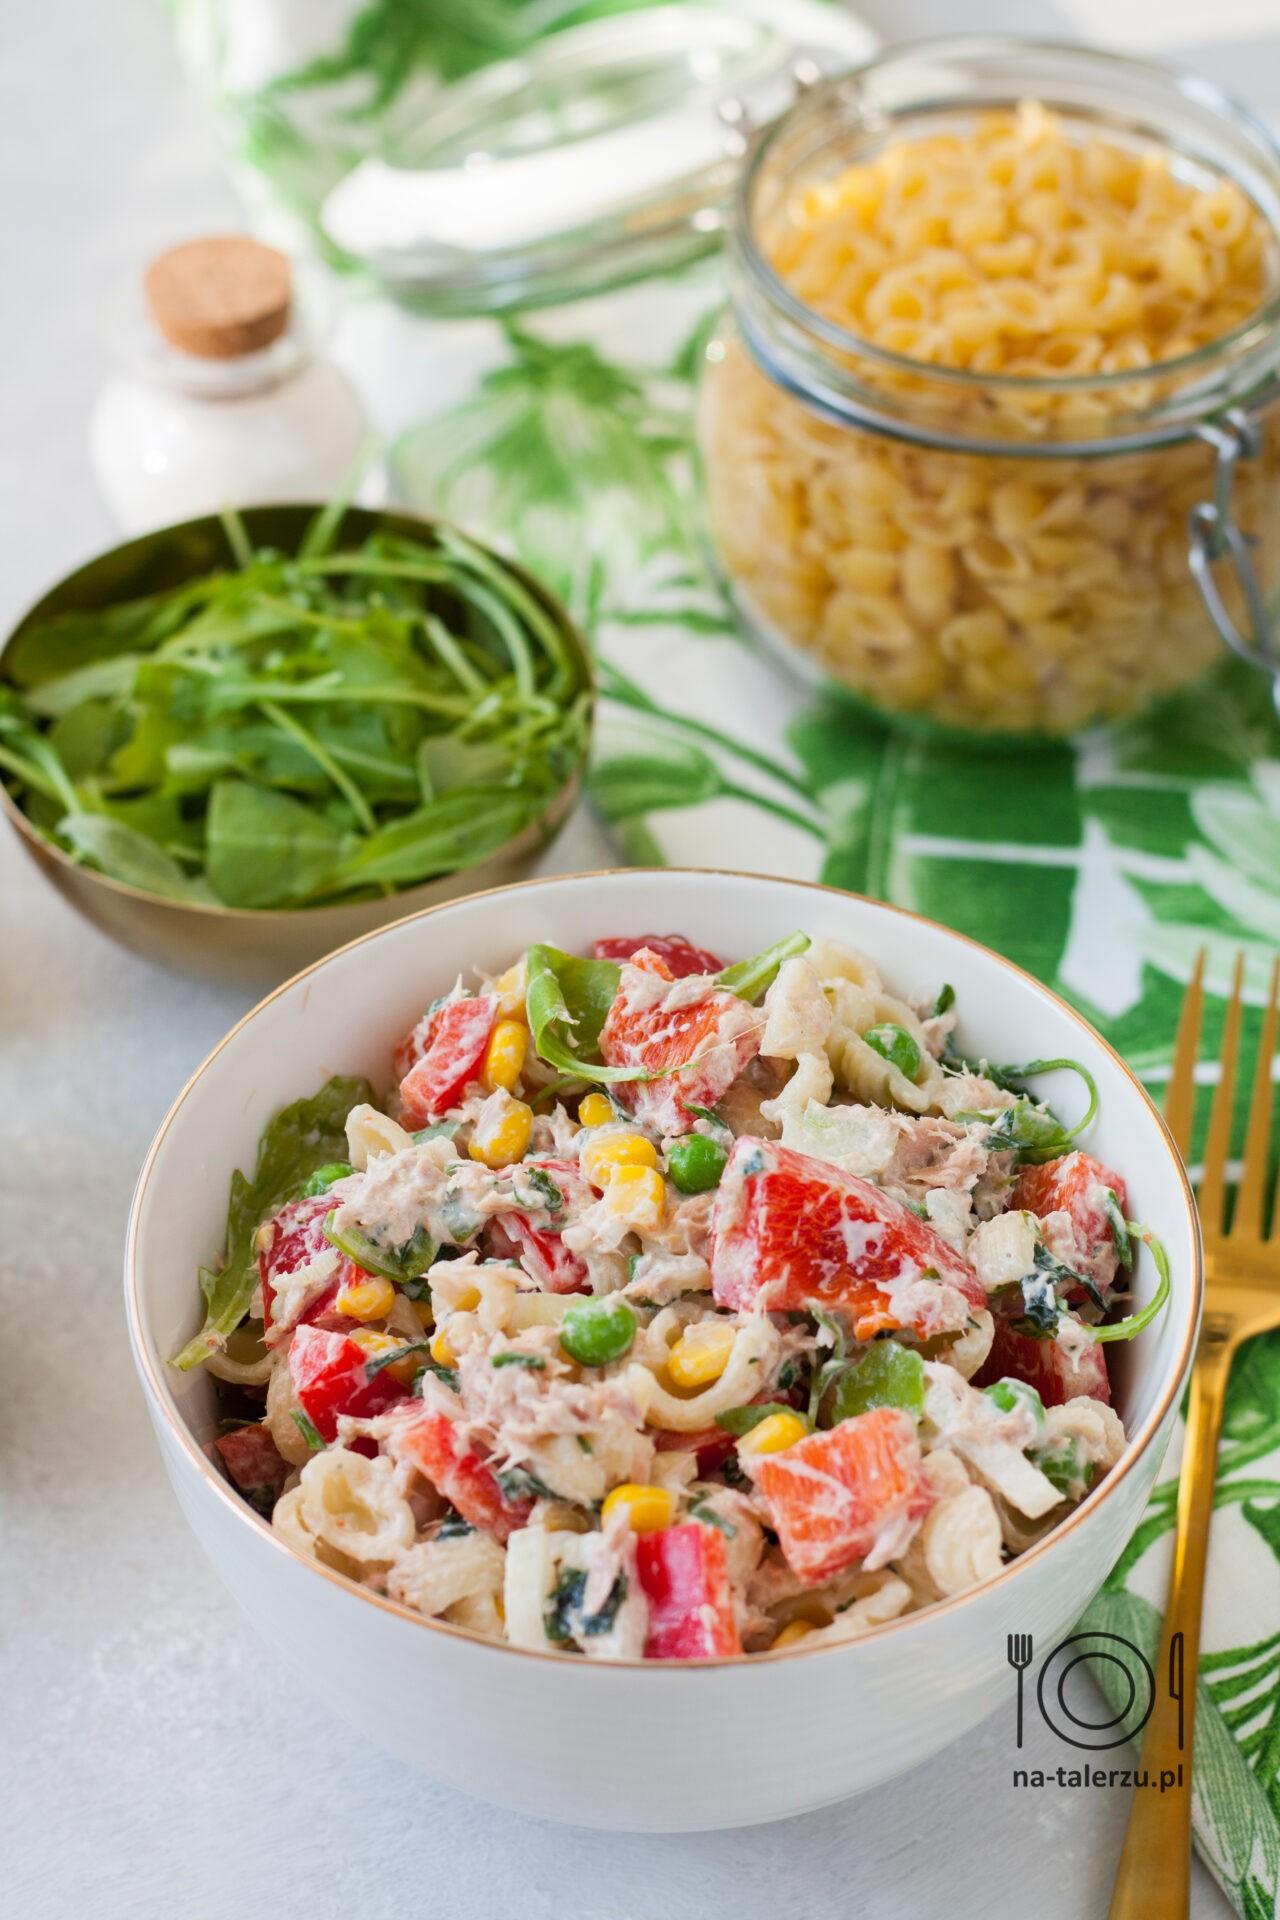 Sałatka z tuńczykiem i makaronem